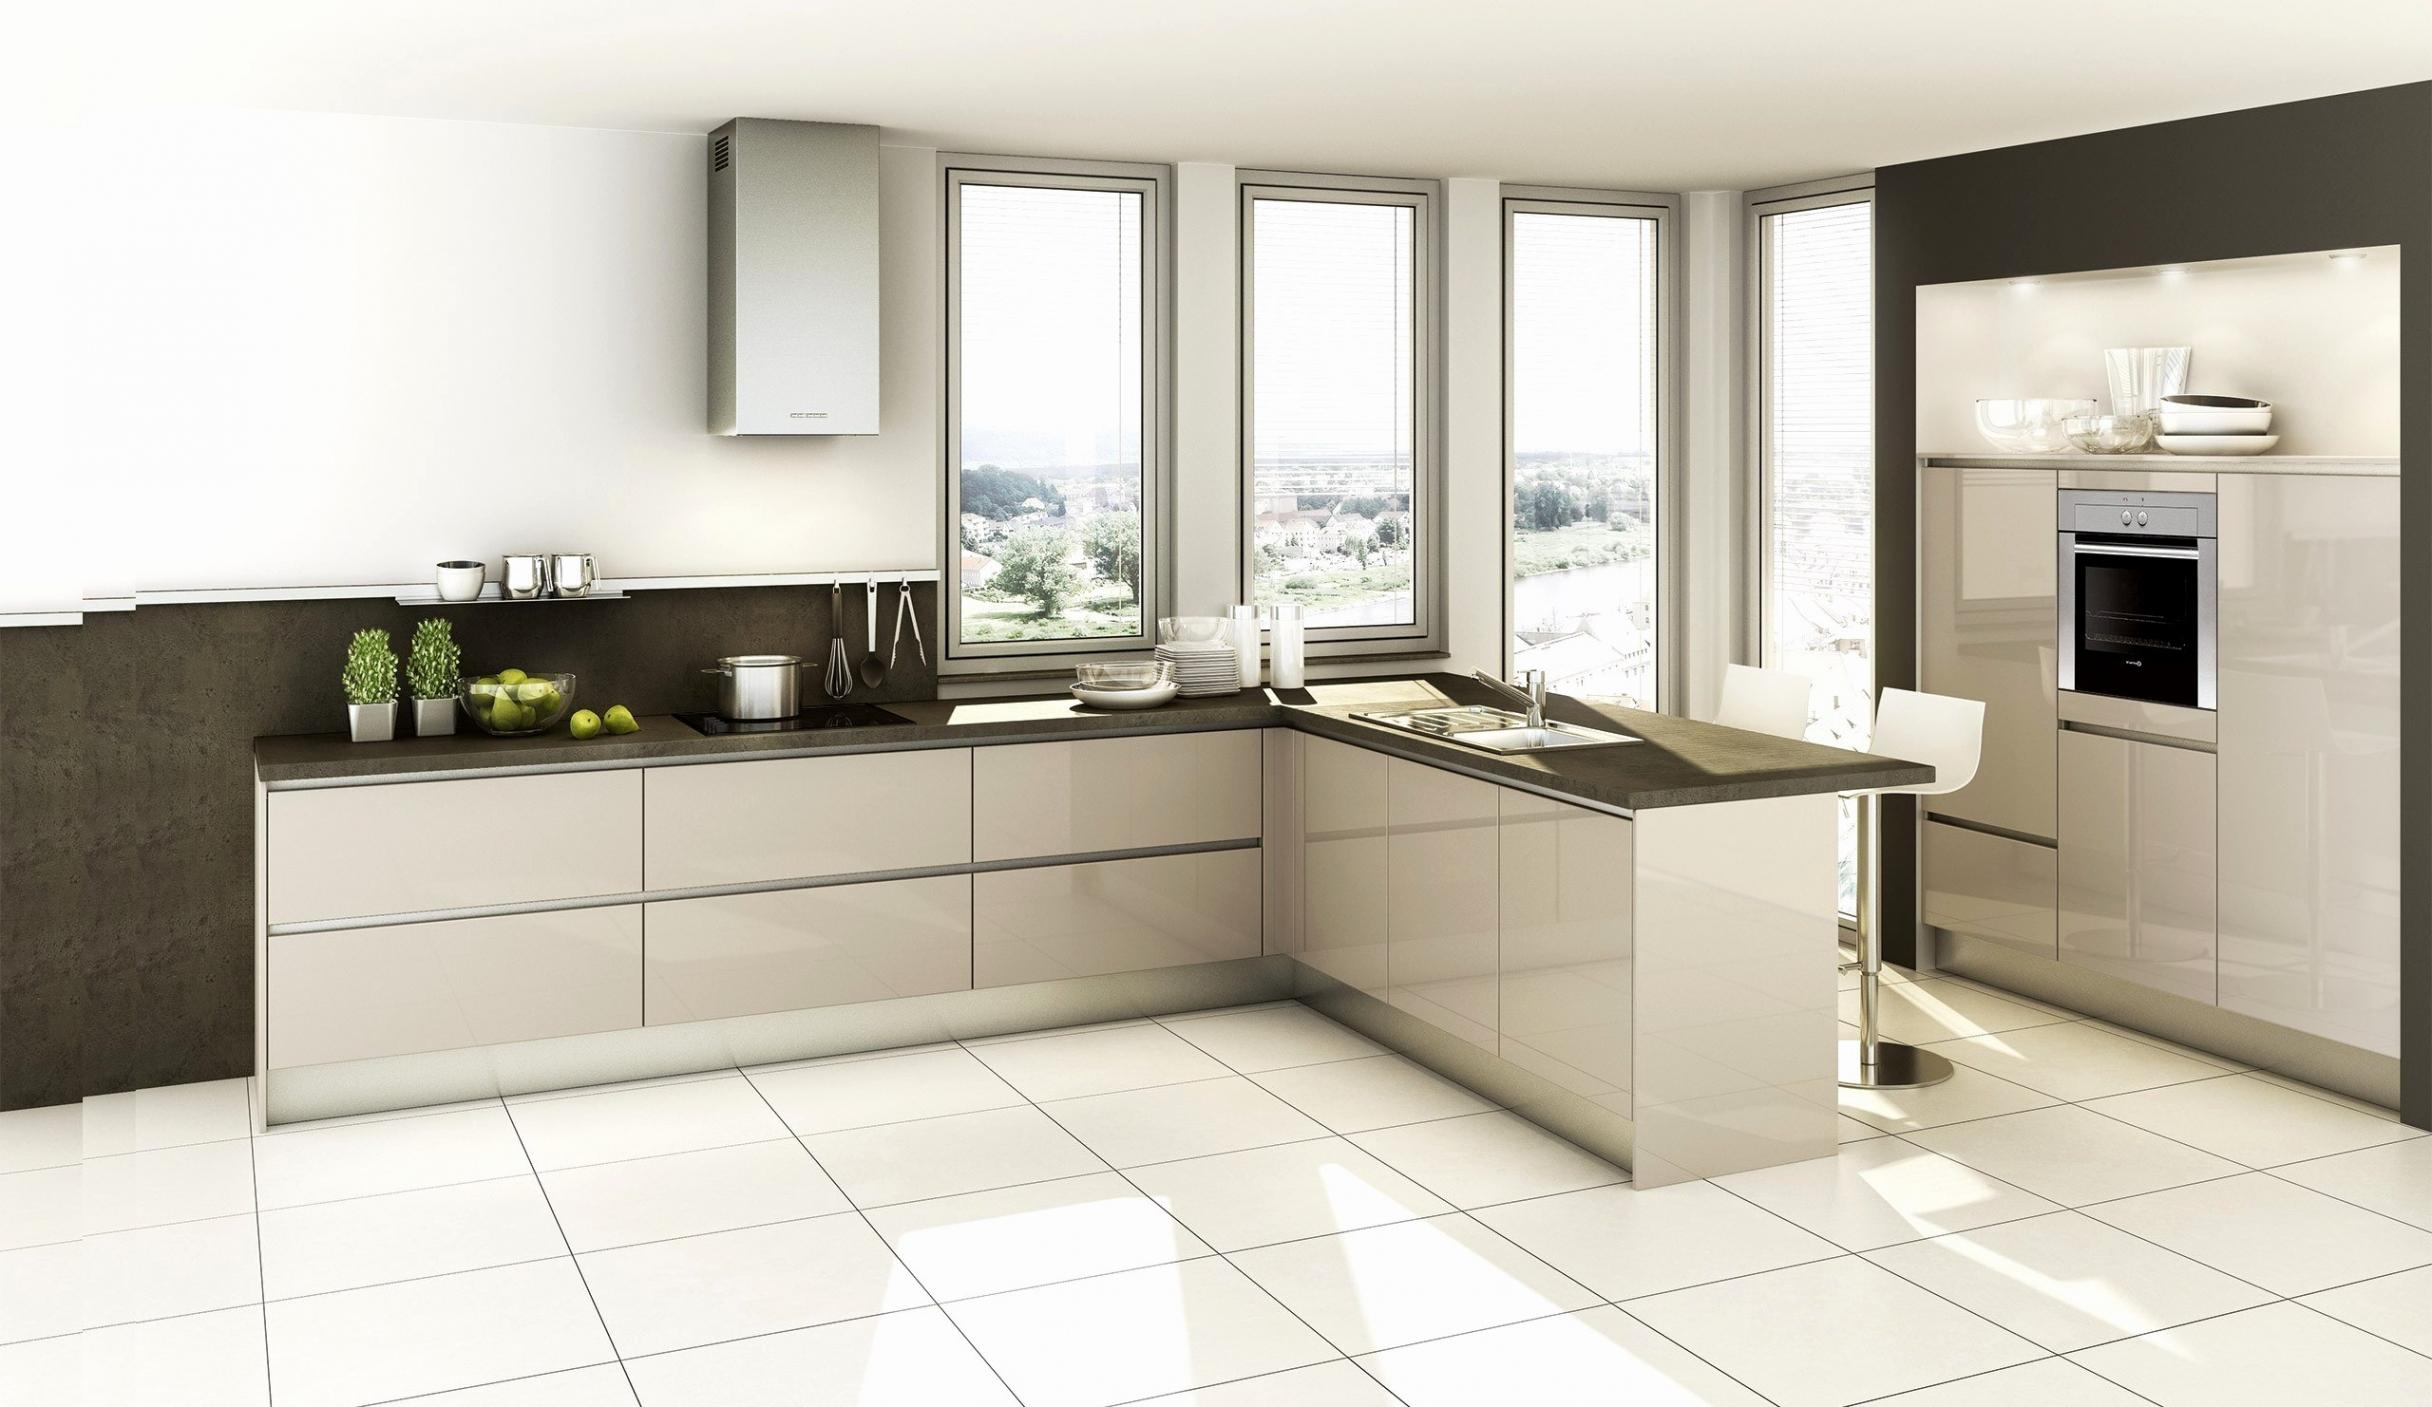 Full Size of Spritzschutz Küche 40 X 100 Hängeschrank Küche Glastüren Ikea   Fliesen Küche überkleben Küche Hängeschrank Küche